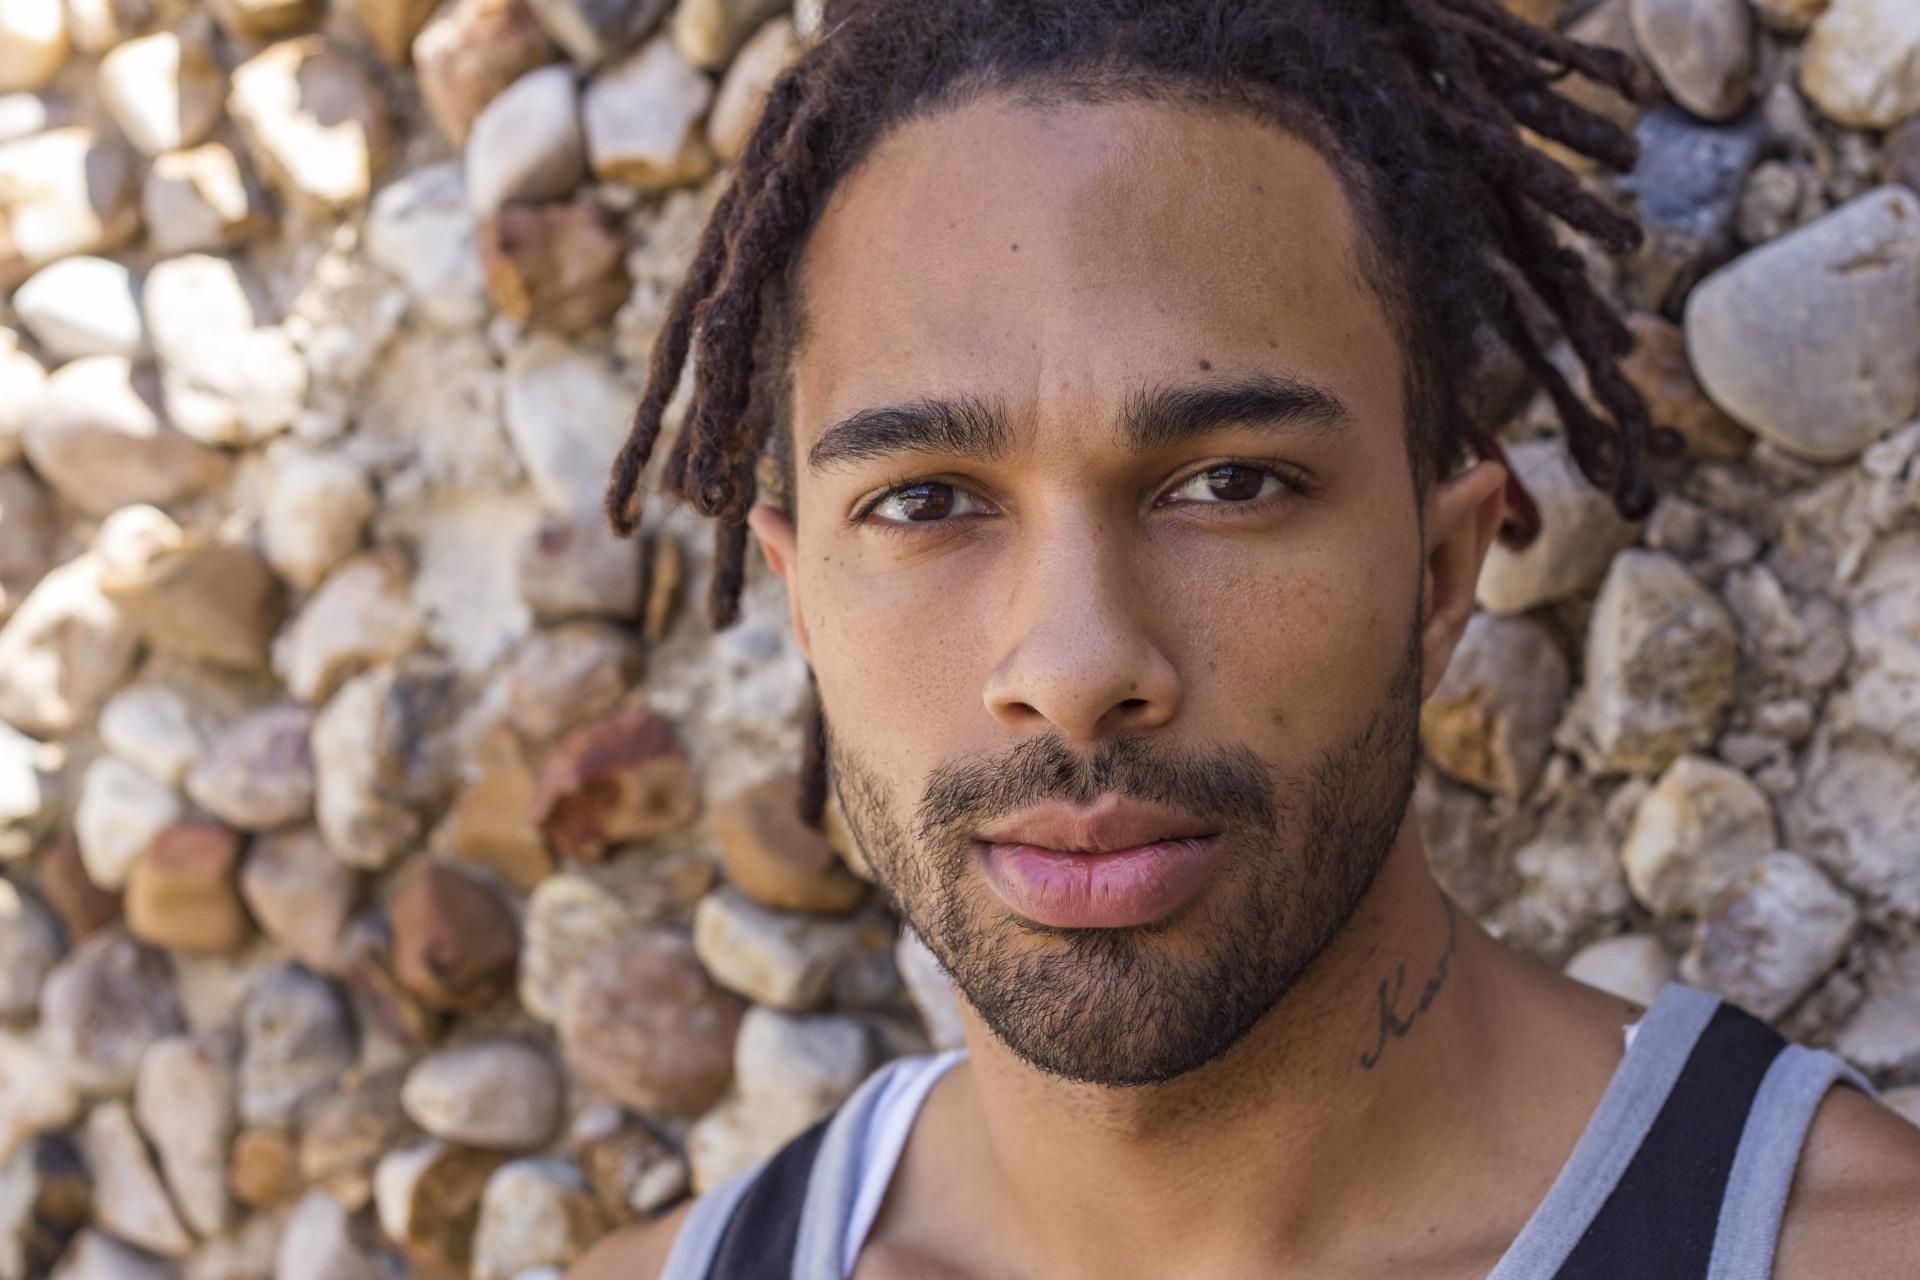 Anthony Silassie Stewart rapper